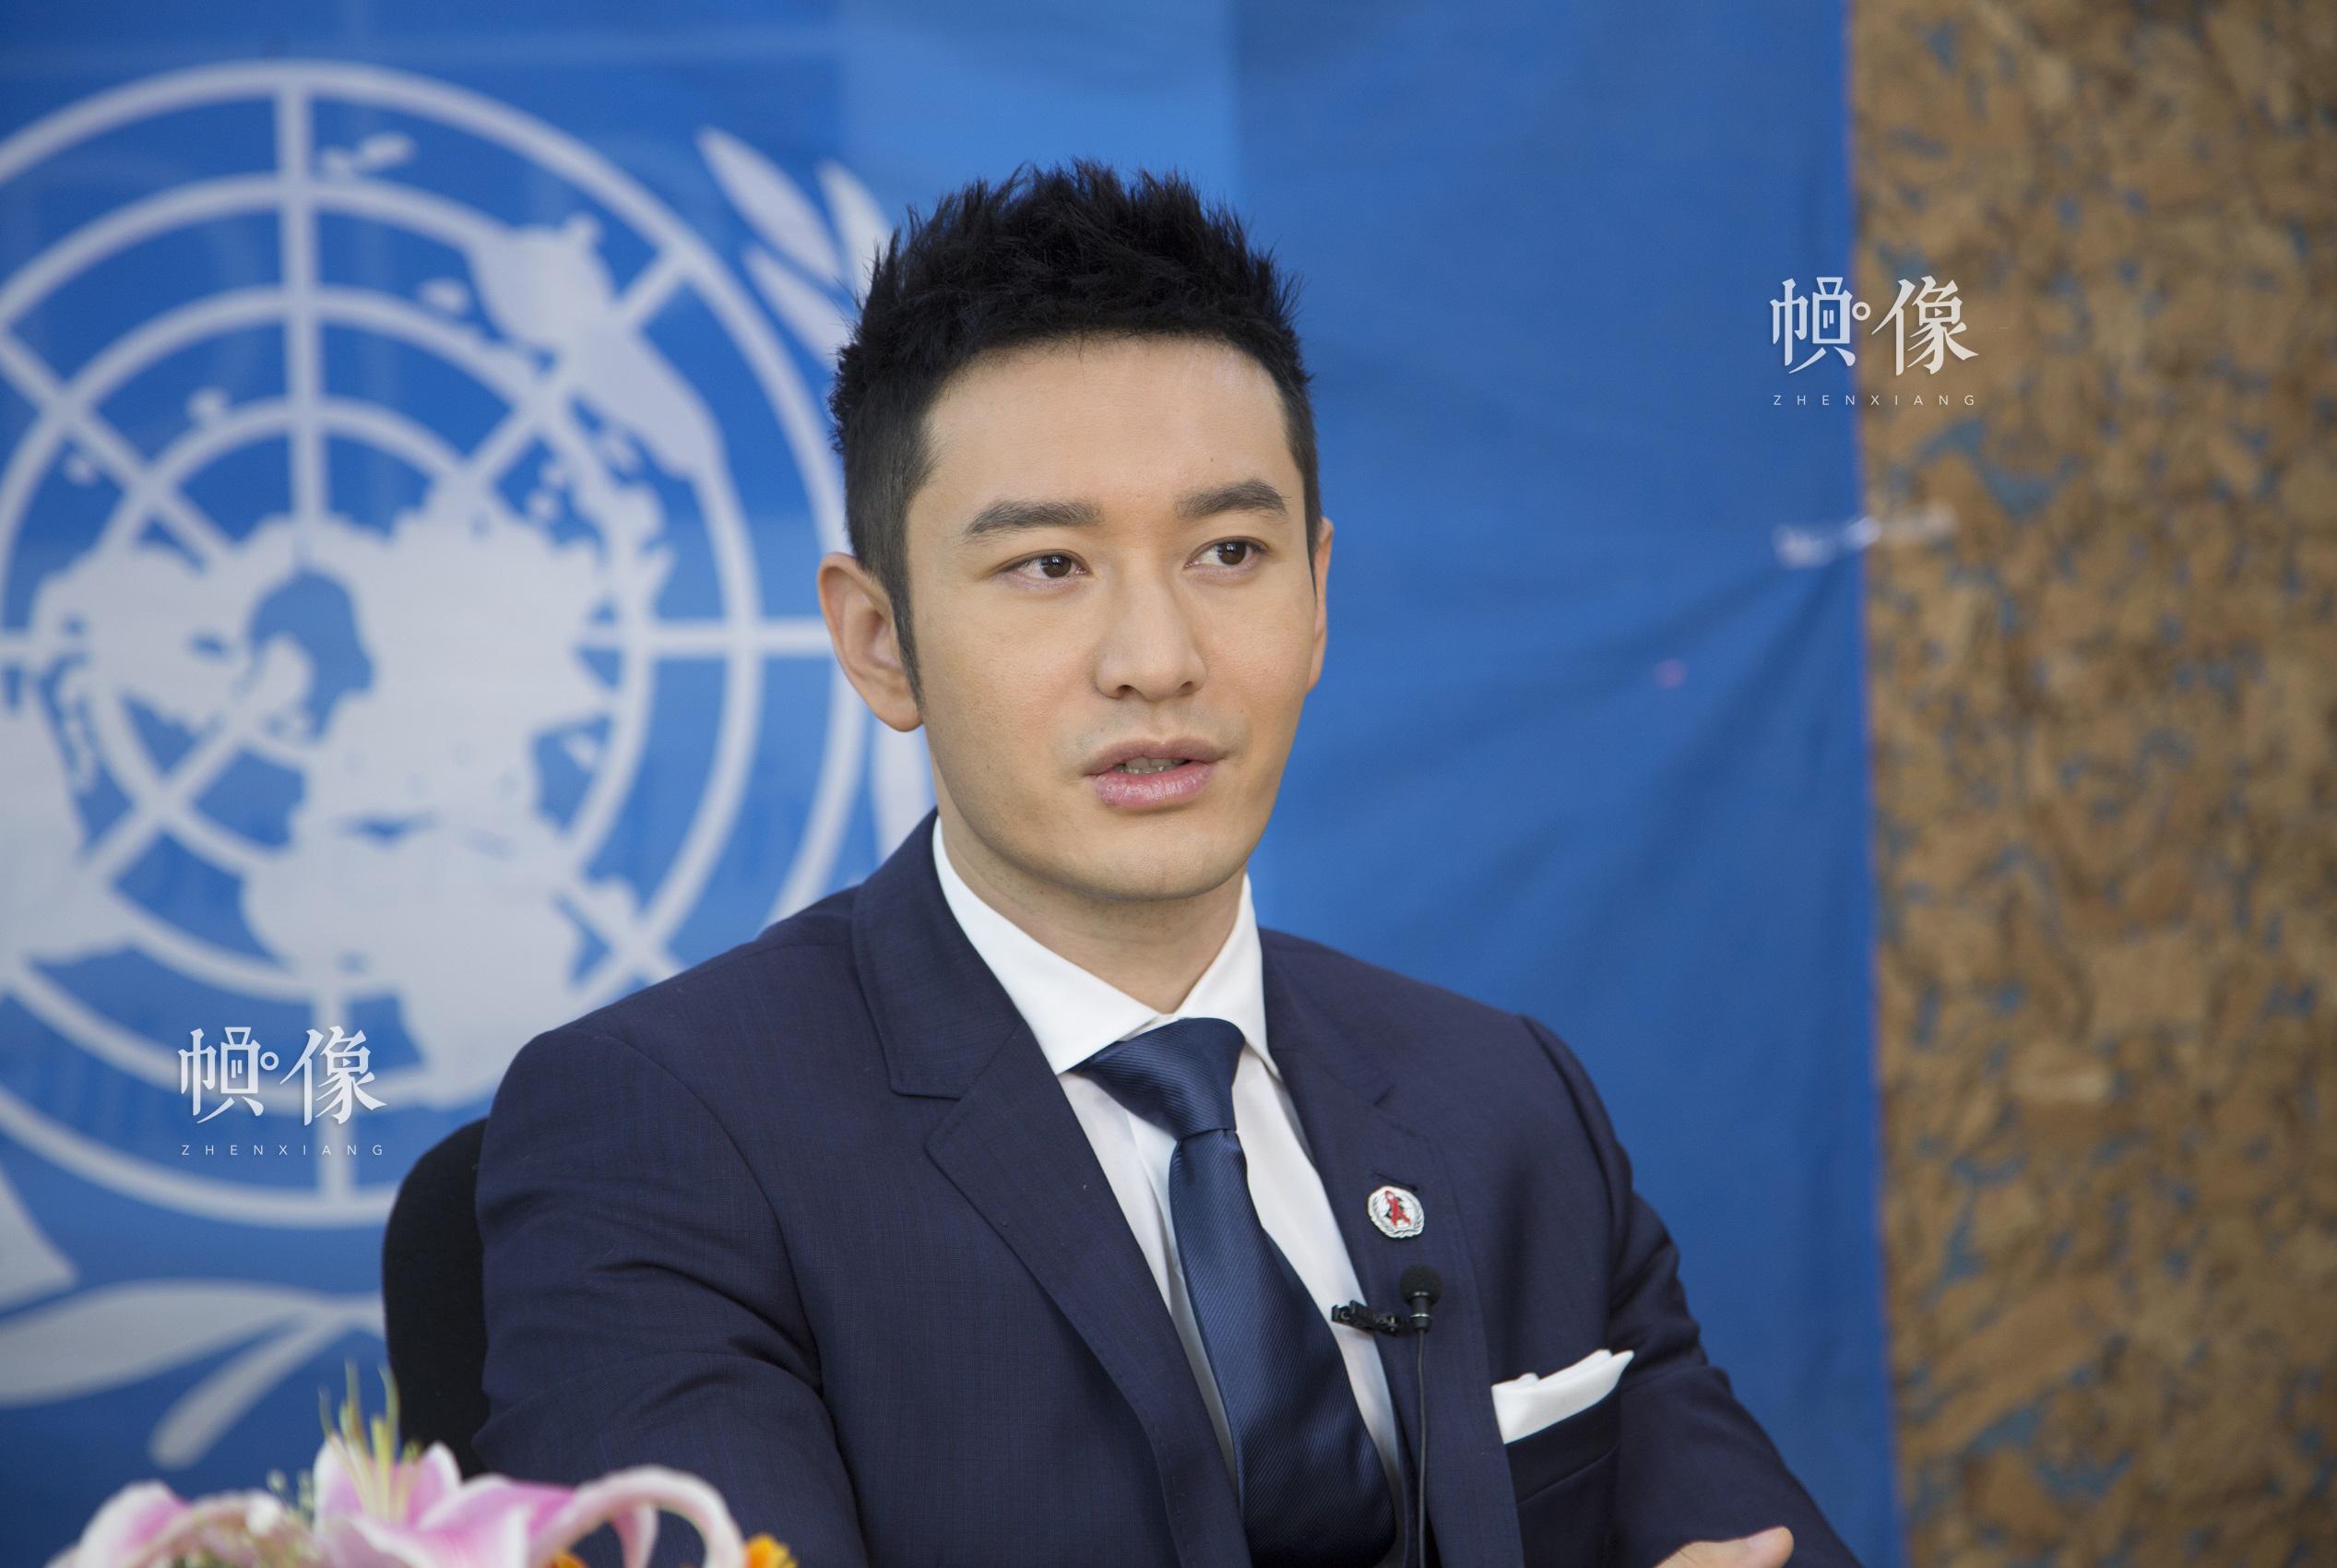 2017年5月12日,聯合國艾滋病規劃署親善大使黃曉明在北京聯合國大院接受中國網《幀像》欄目獨家專訪。中國網記者 高南 攝